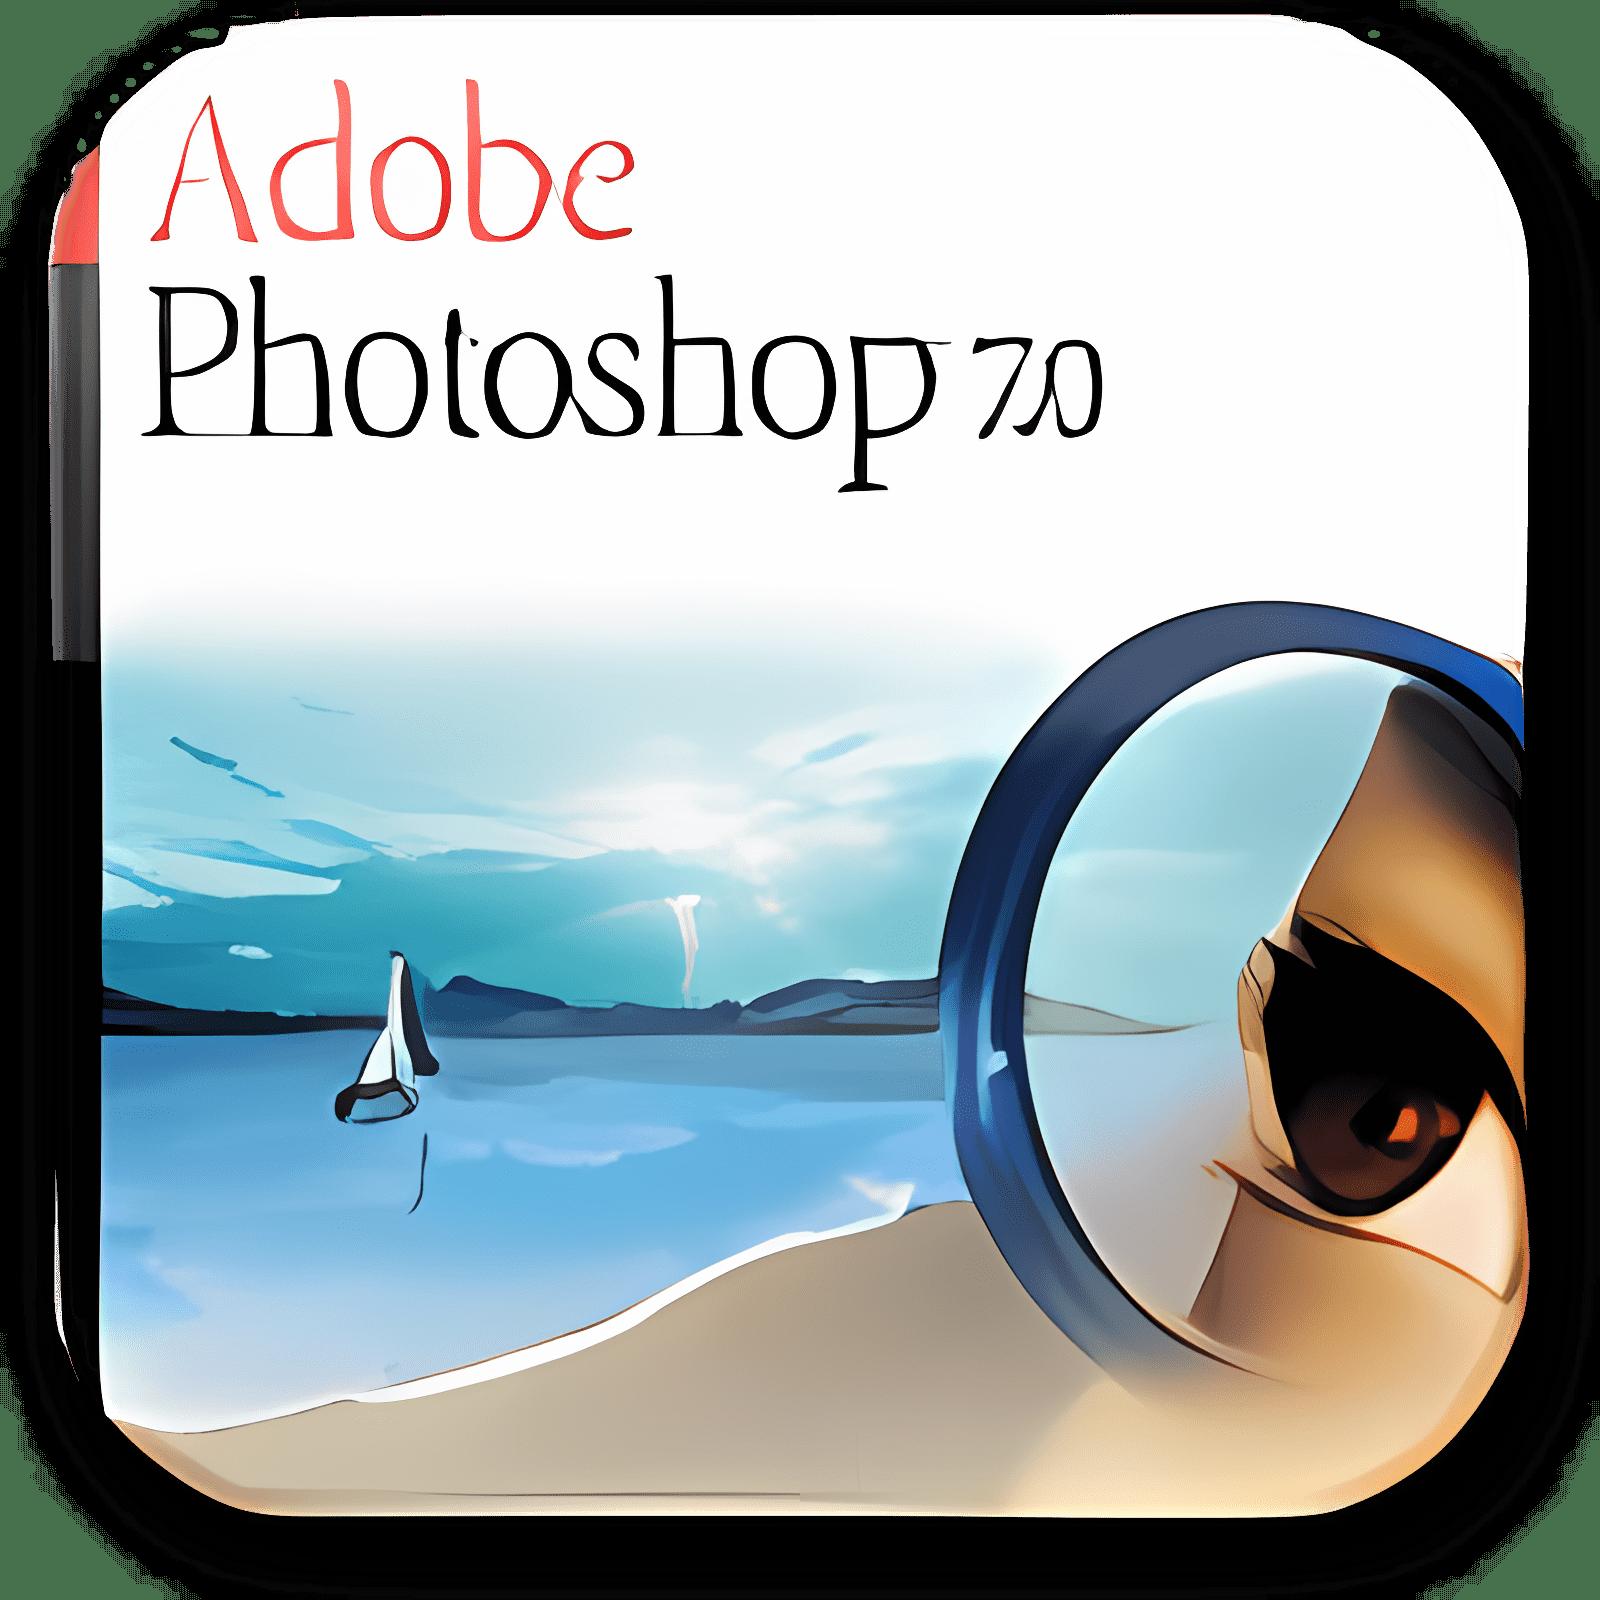 Adobe Photoshop G5 Processor Plug-in